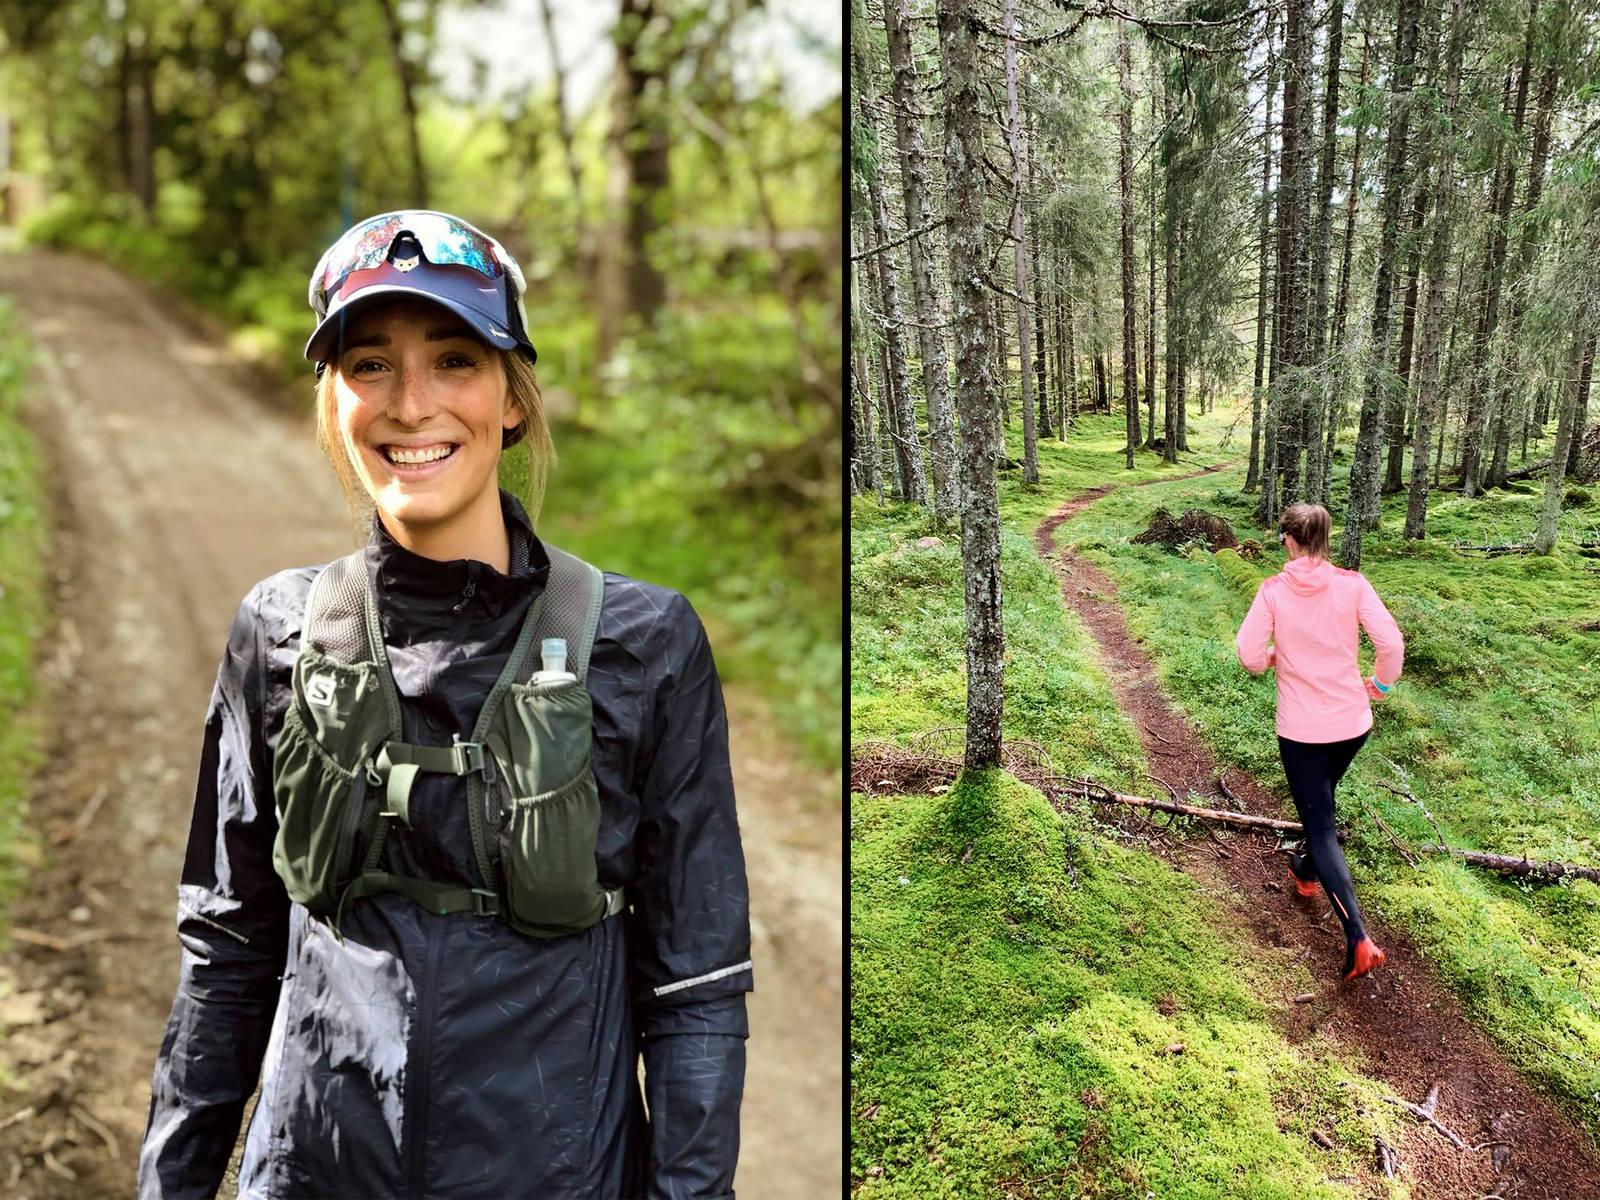 Heidi Pallin Aaring foretrekker løping som treningsform og klargjøring til vintersesongen.